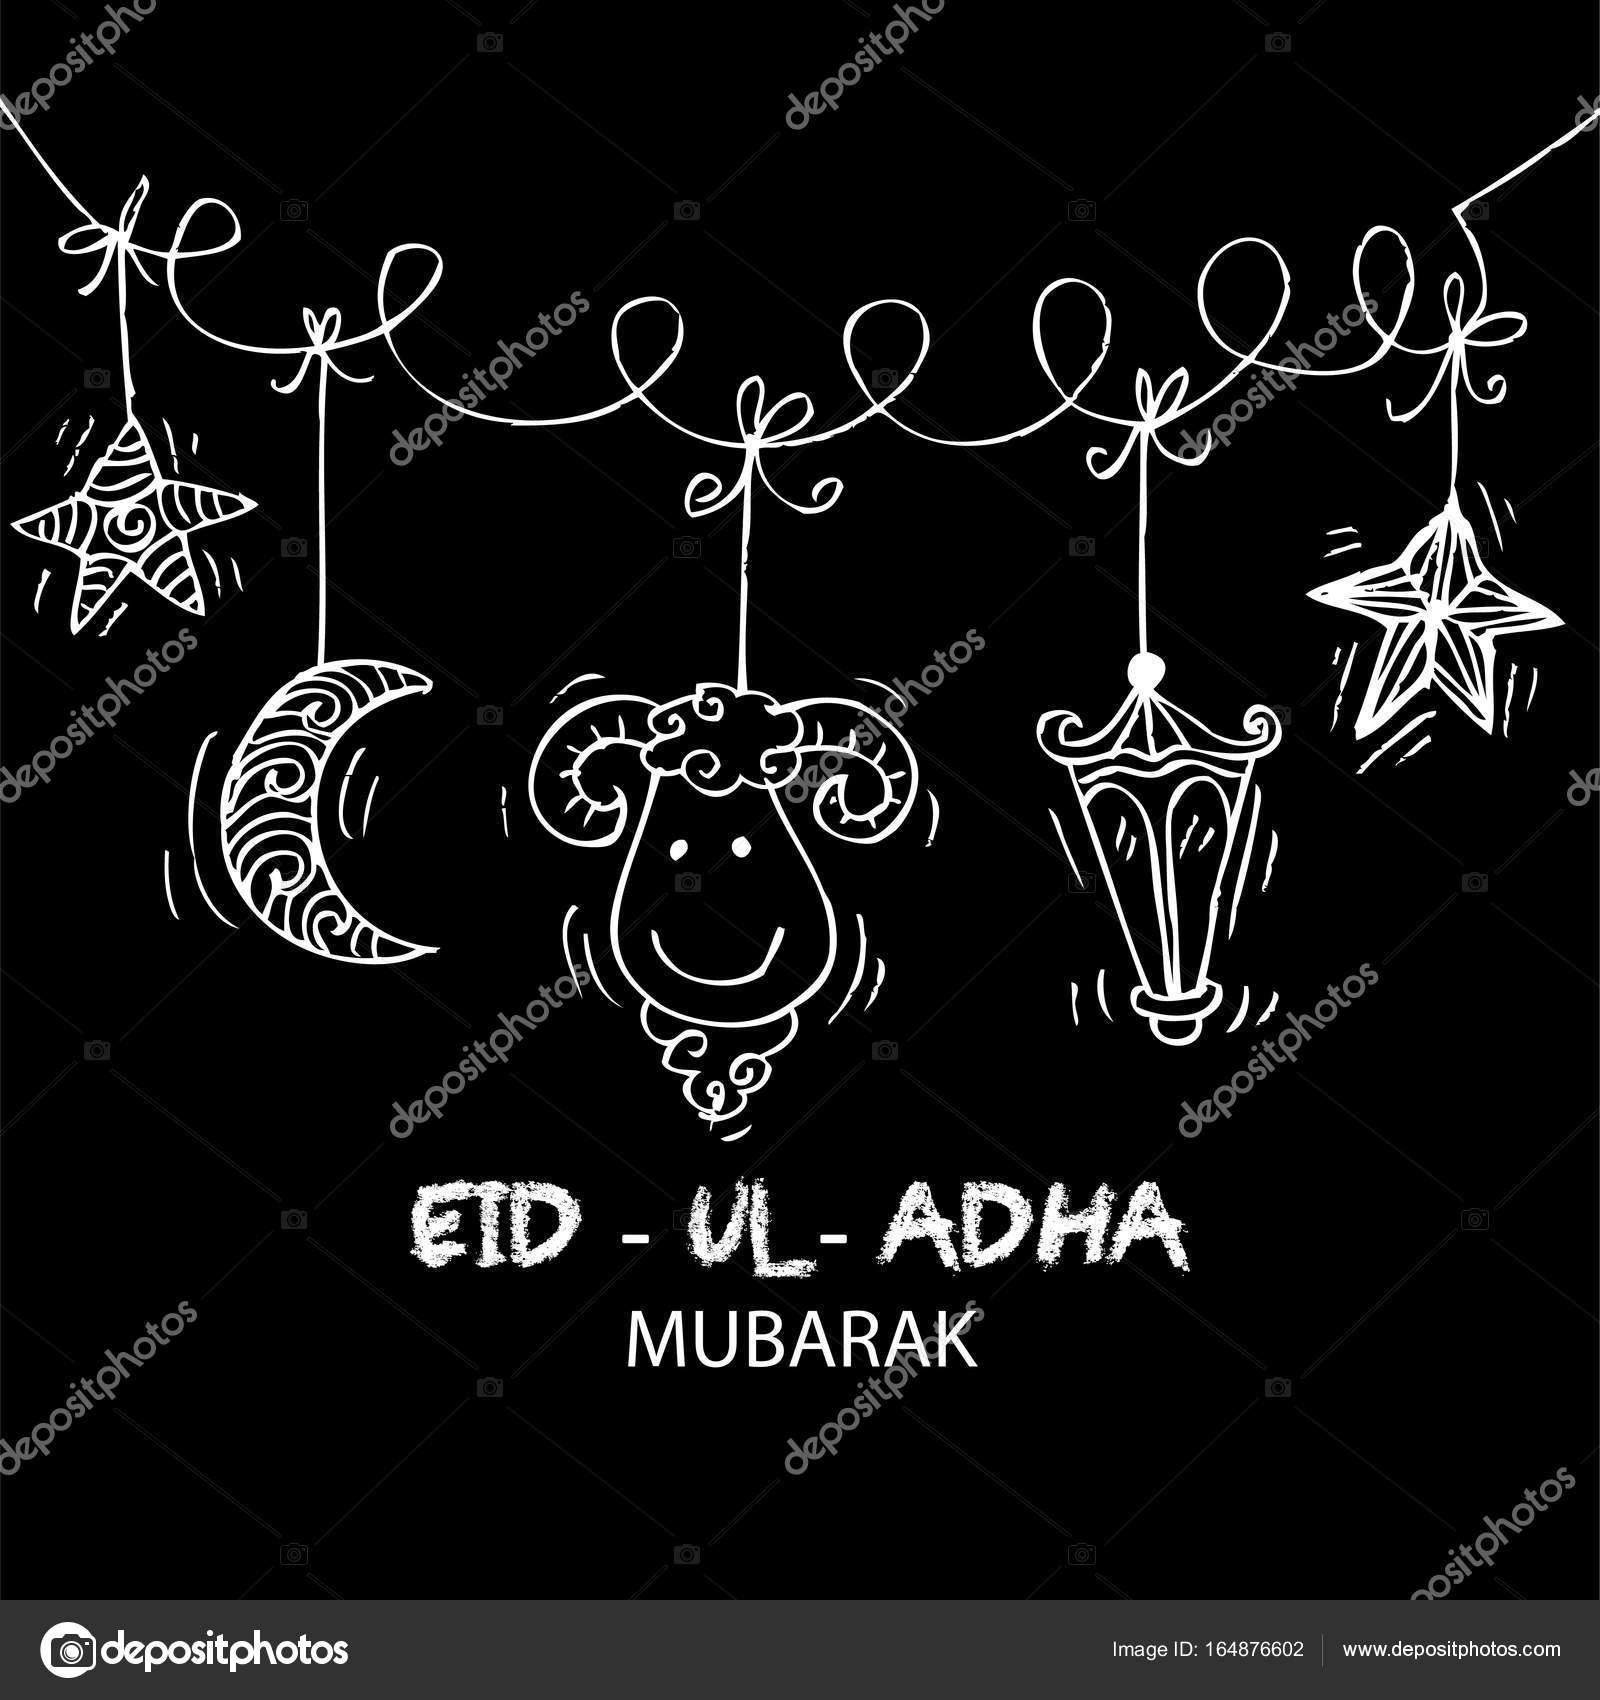 Greeting Card Design For Muslim Community Festival Eid Ul Adha